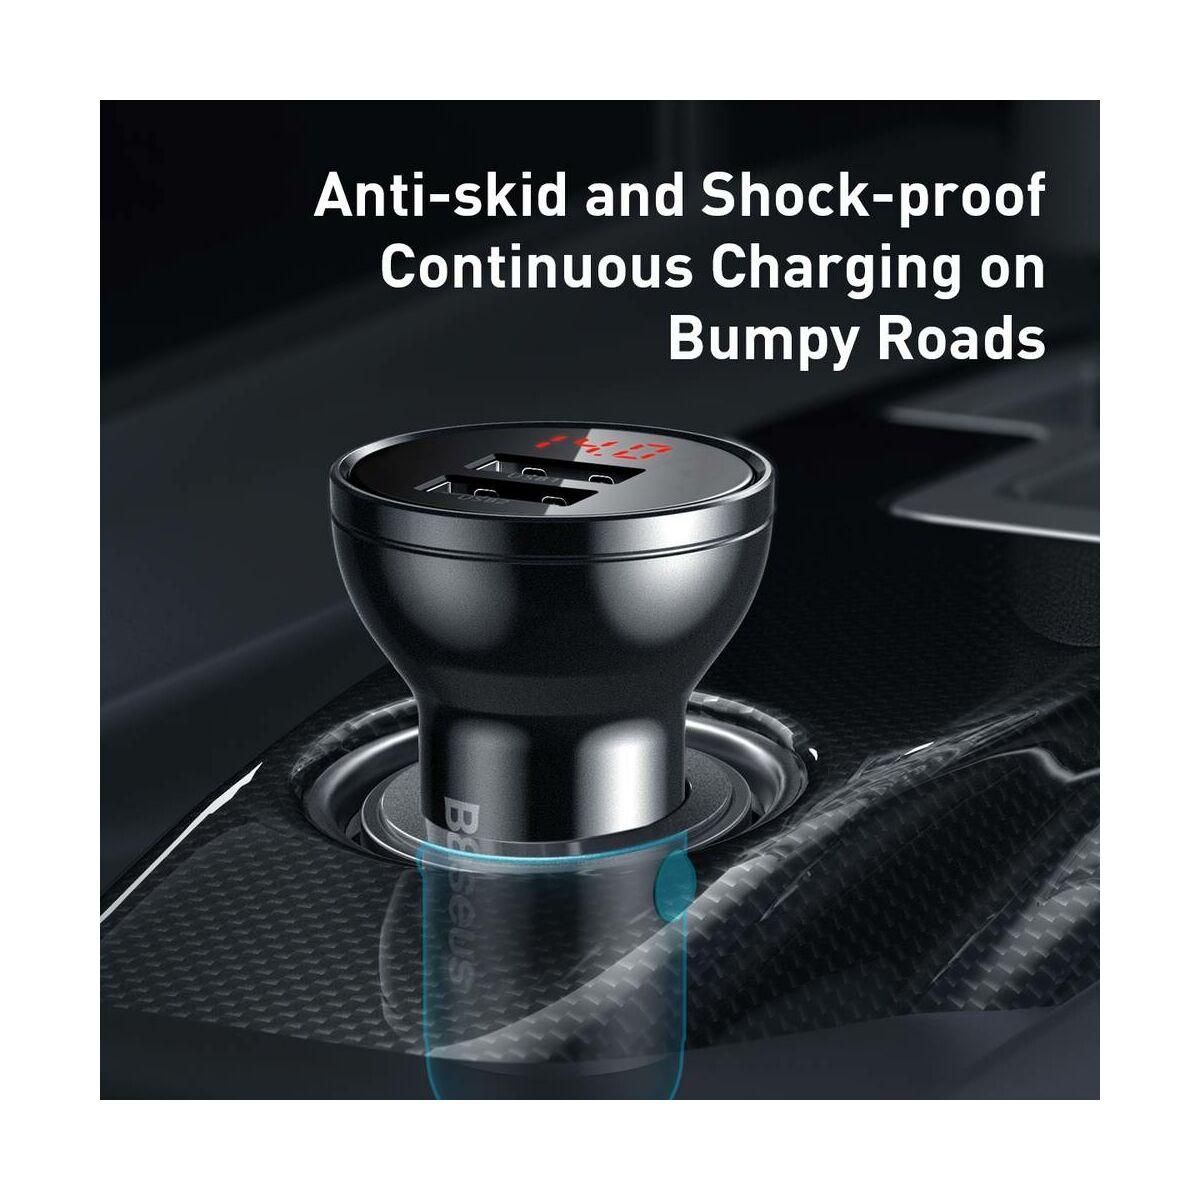 Baseus autós töltő, Digital Display Dual USB csatlakozás, digitális kijelzés, 24W 4.8A, szürke (CCBX-0G)